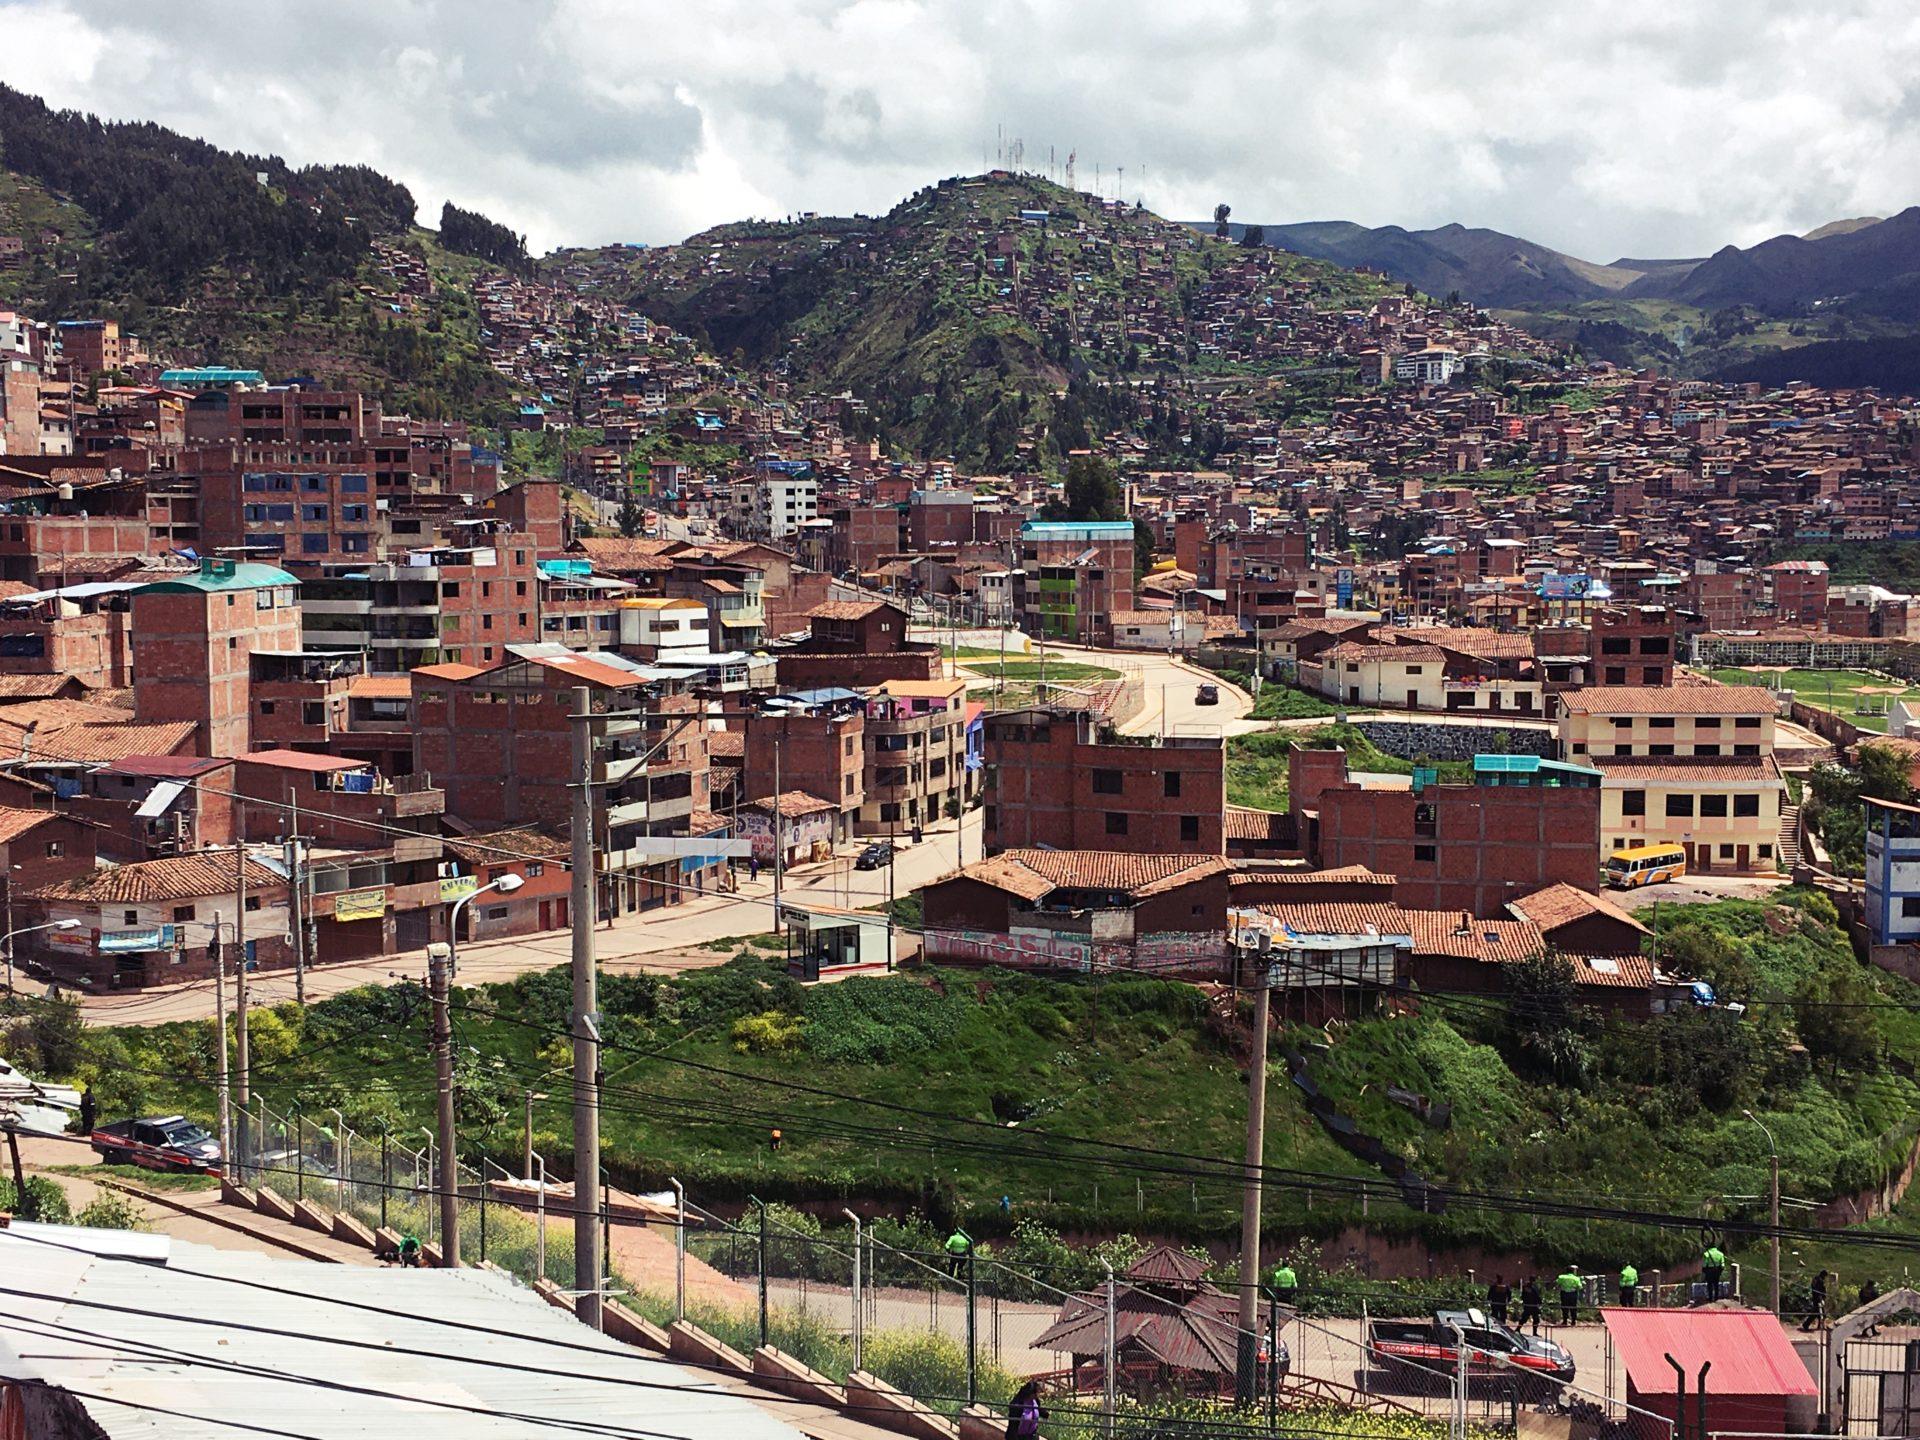 ペルー, 非常事態宣言, 外出禁止, クスコ, 中心地, 様子